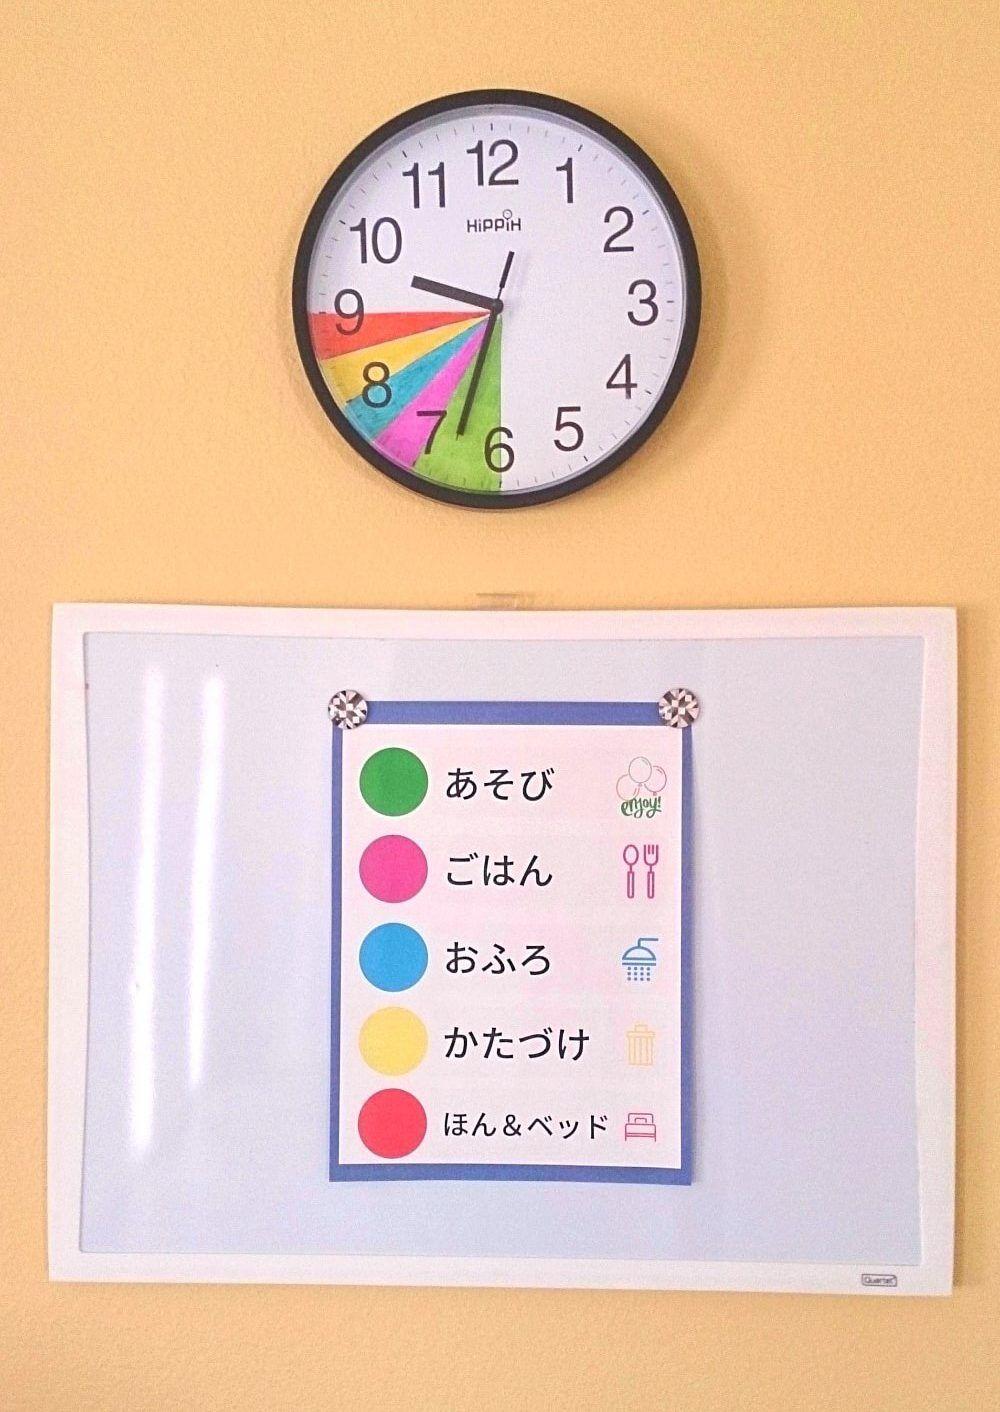 ワンピース おしゃれ 安い | アニメキャラ ⭐︎ショルダーバッグ⭐︎の通販 by kiki's shop|ラクマ